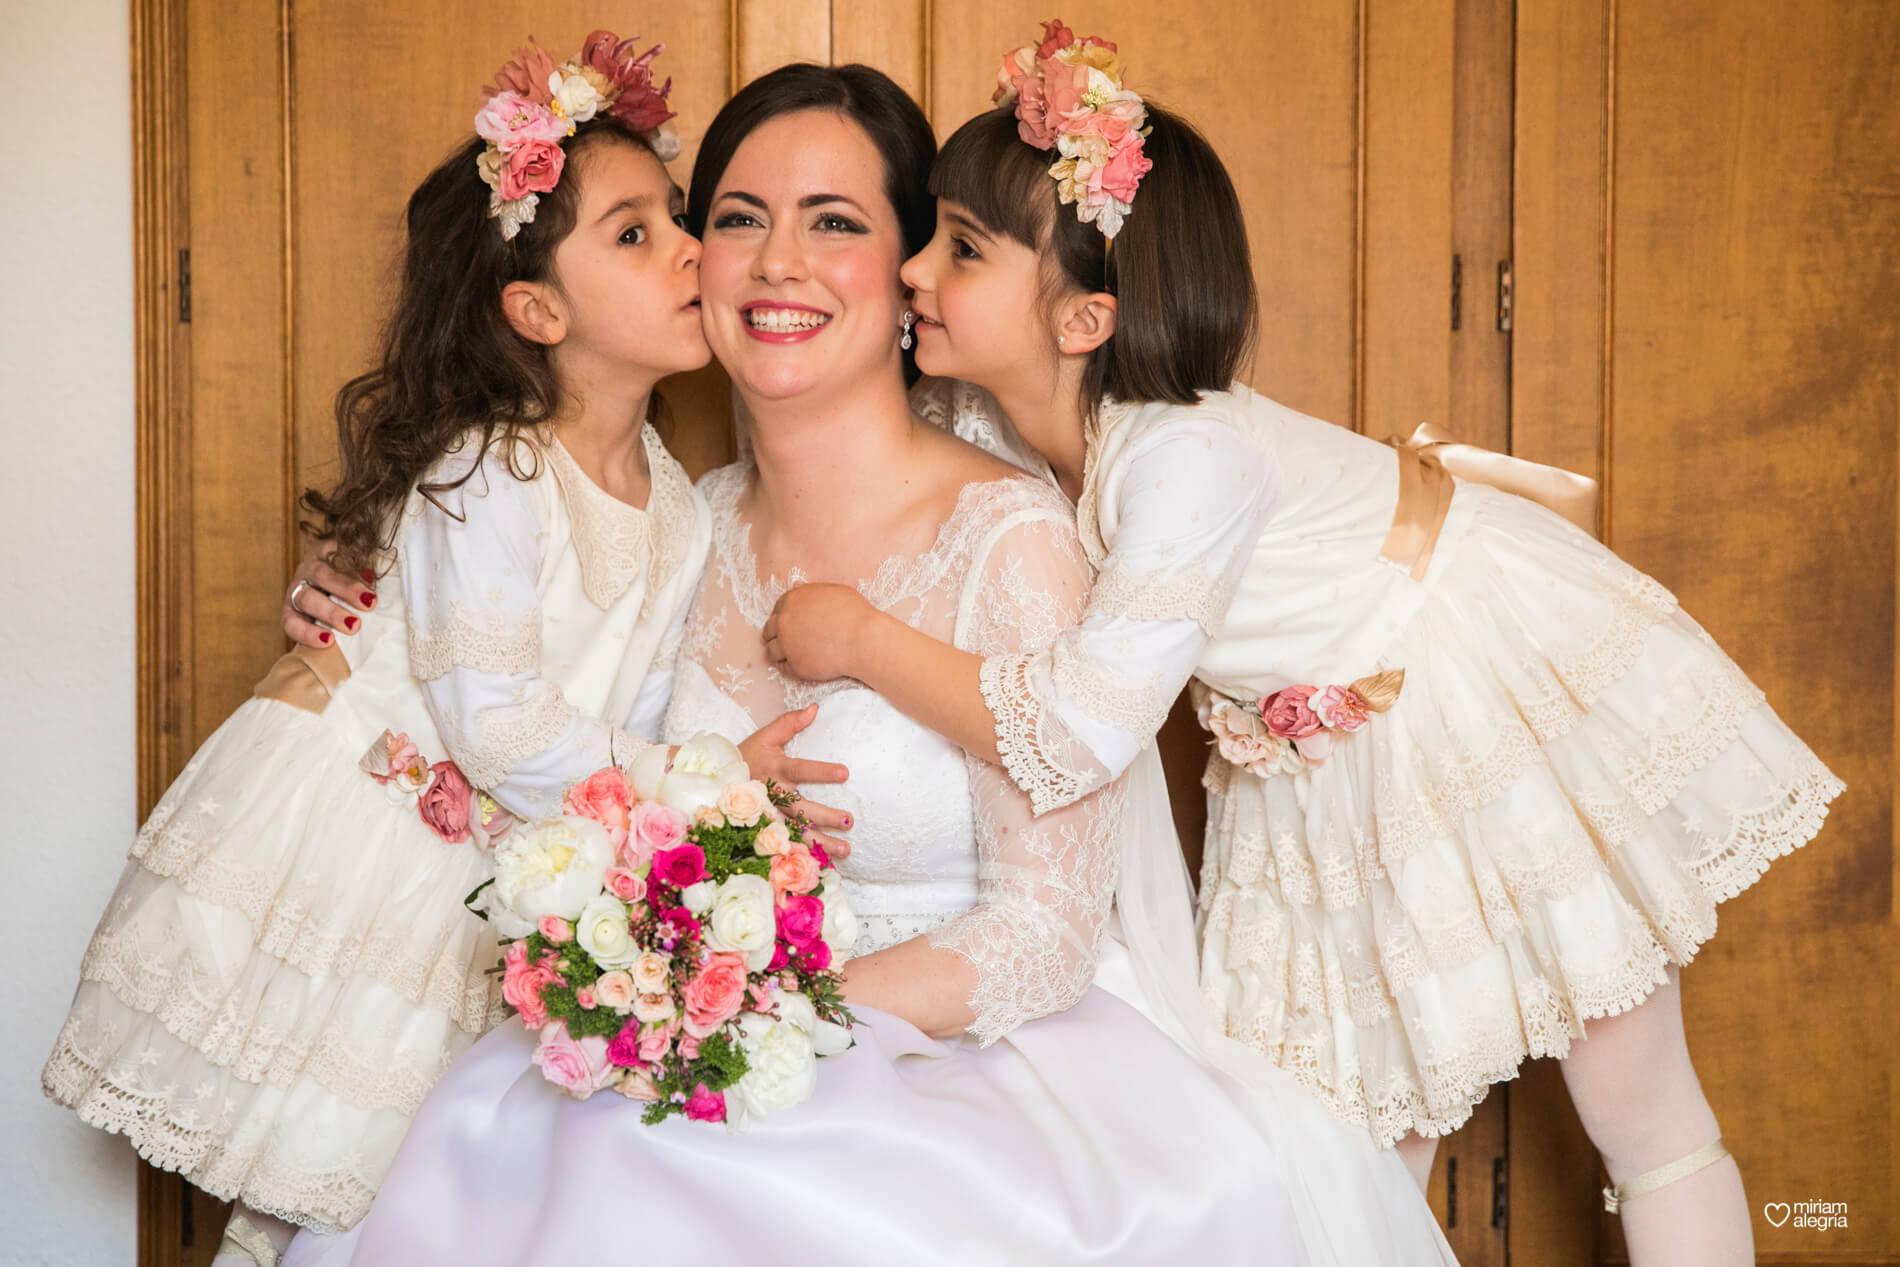 boda-en-el-rincon-huertano-miriam-alegria-fotografos-boda-murcia-28